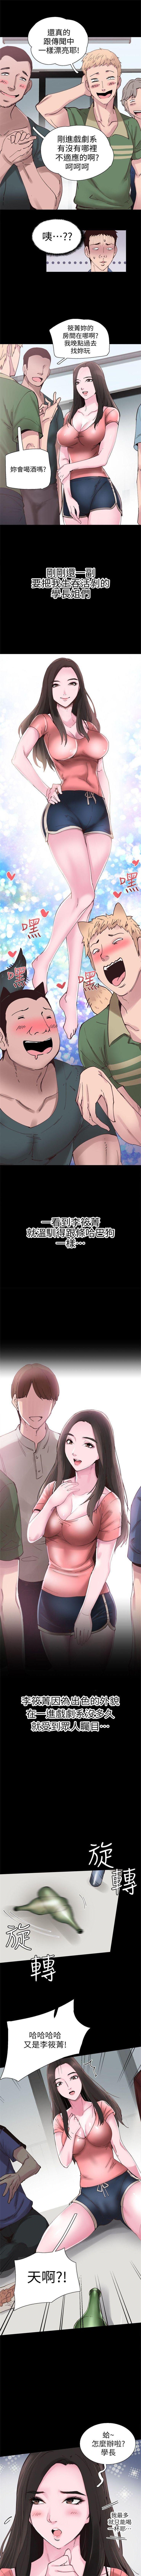 校园live秀 1-20 中文翻译(更新中) 17